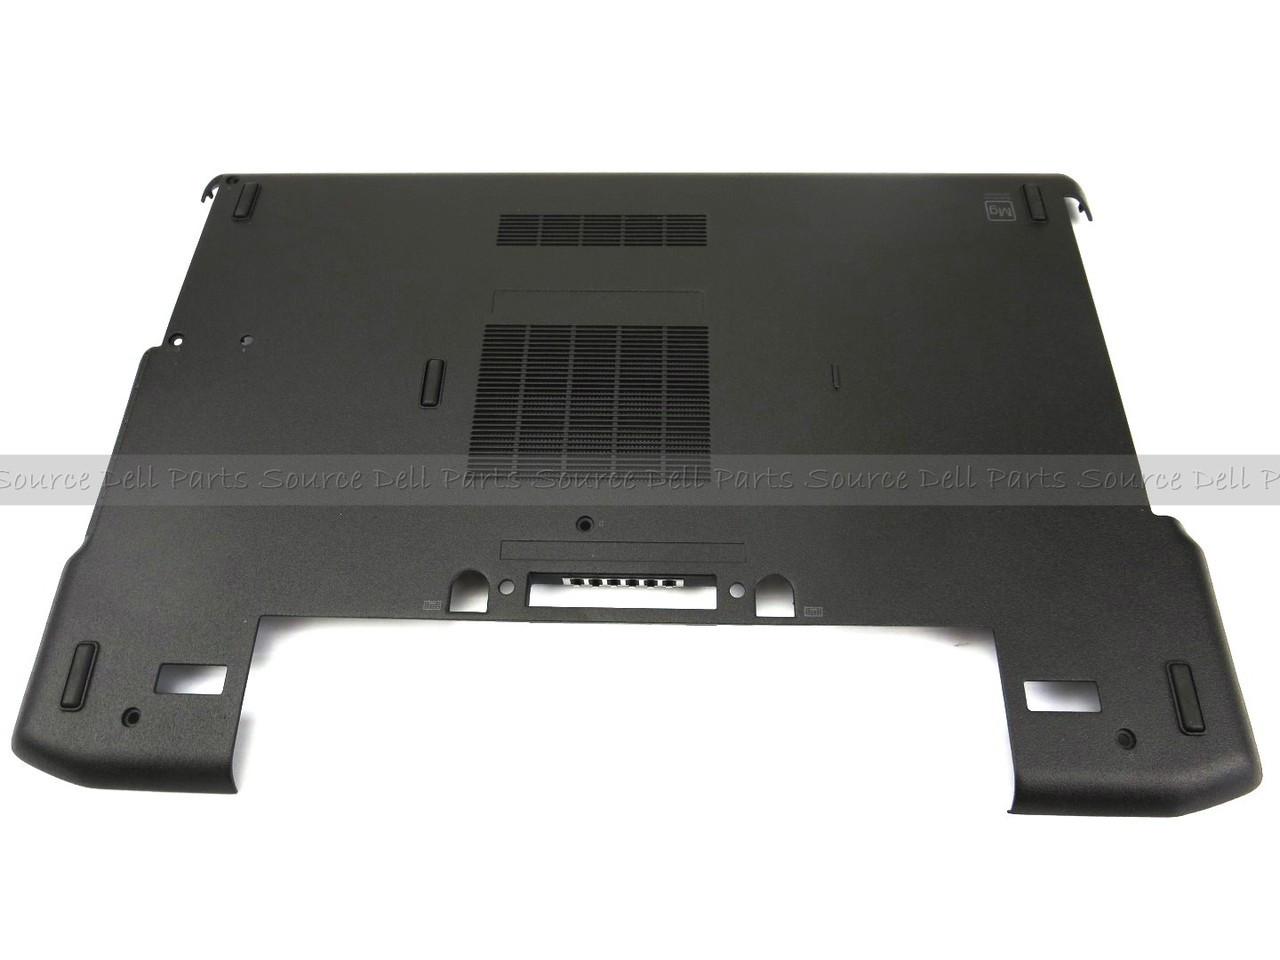 Dell Latitude E6430 Access Panel Door Cover - JGP1M